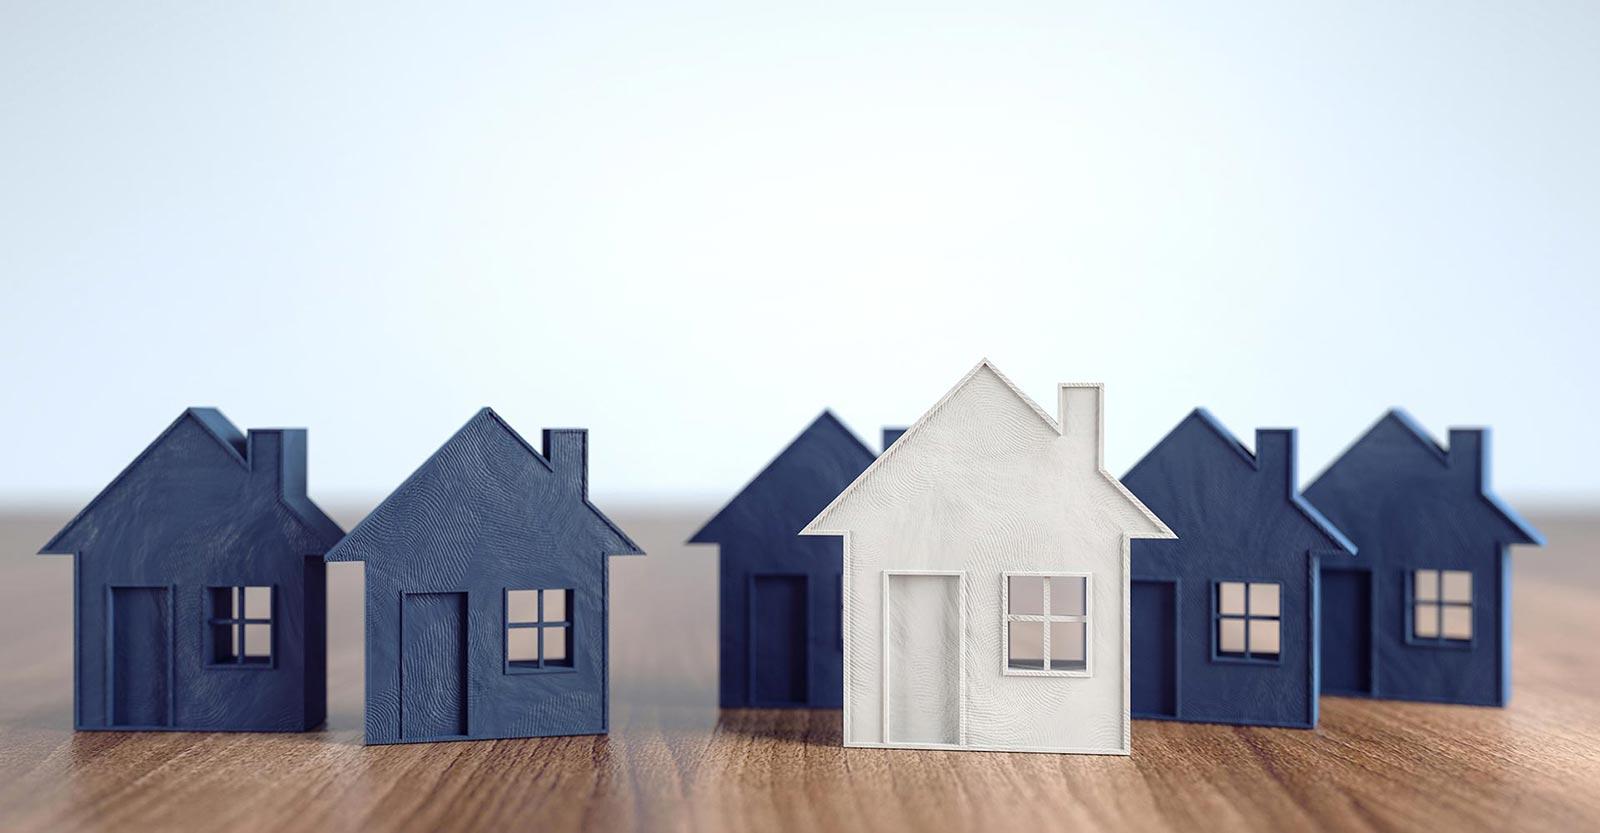 Modellhäuser